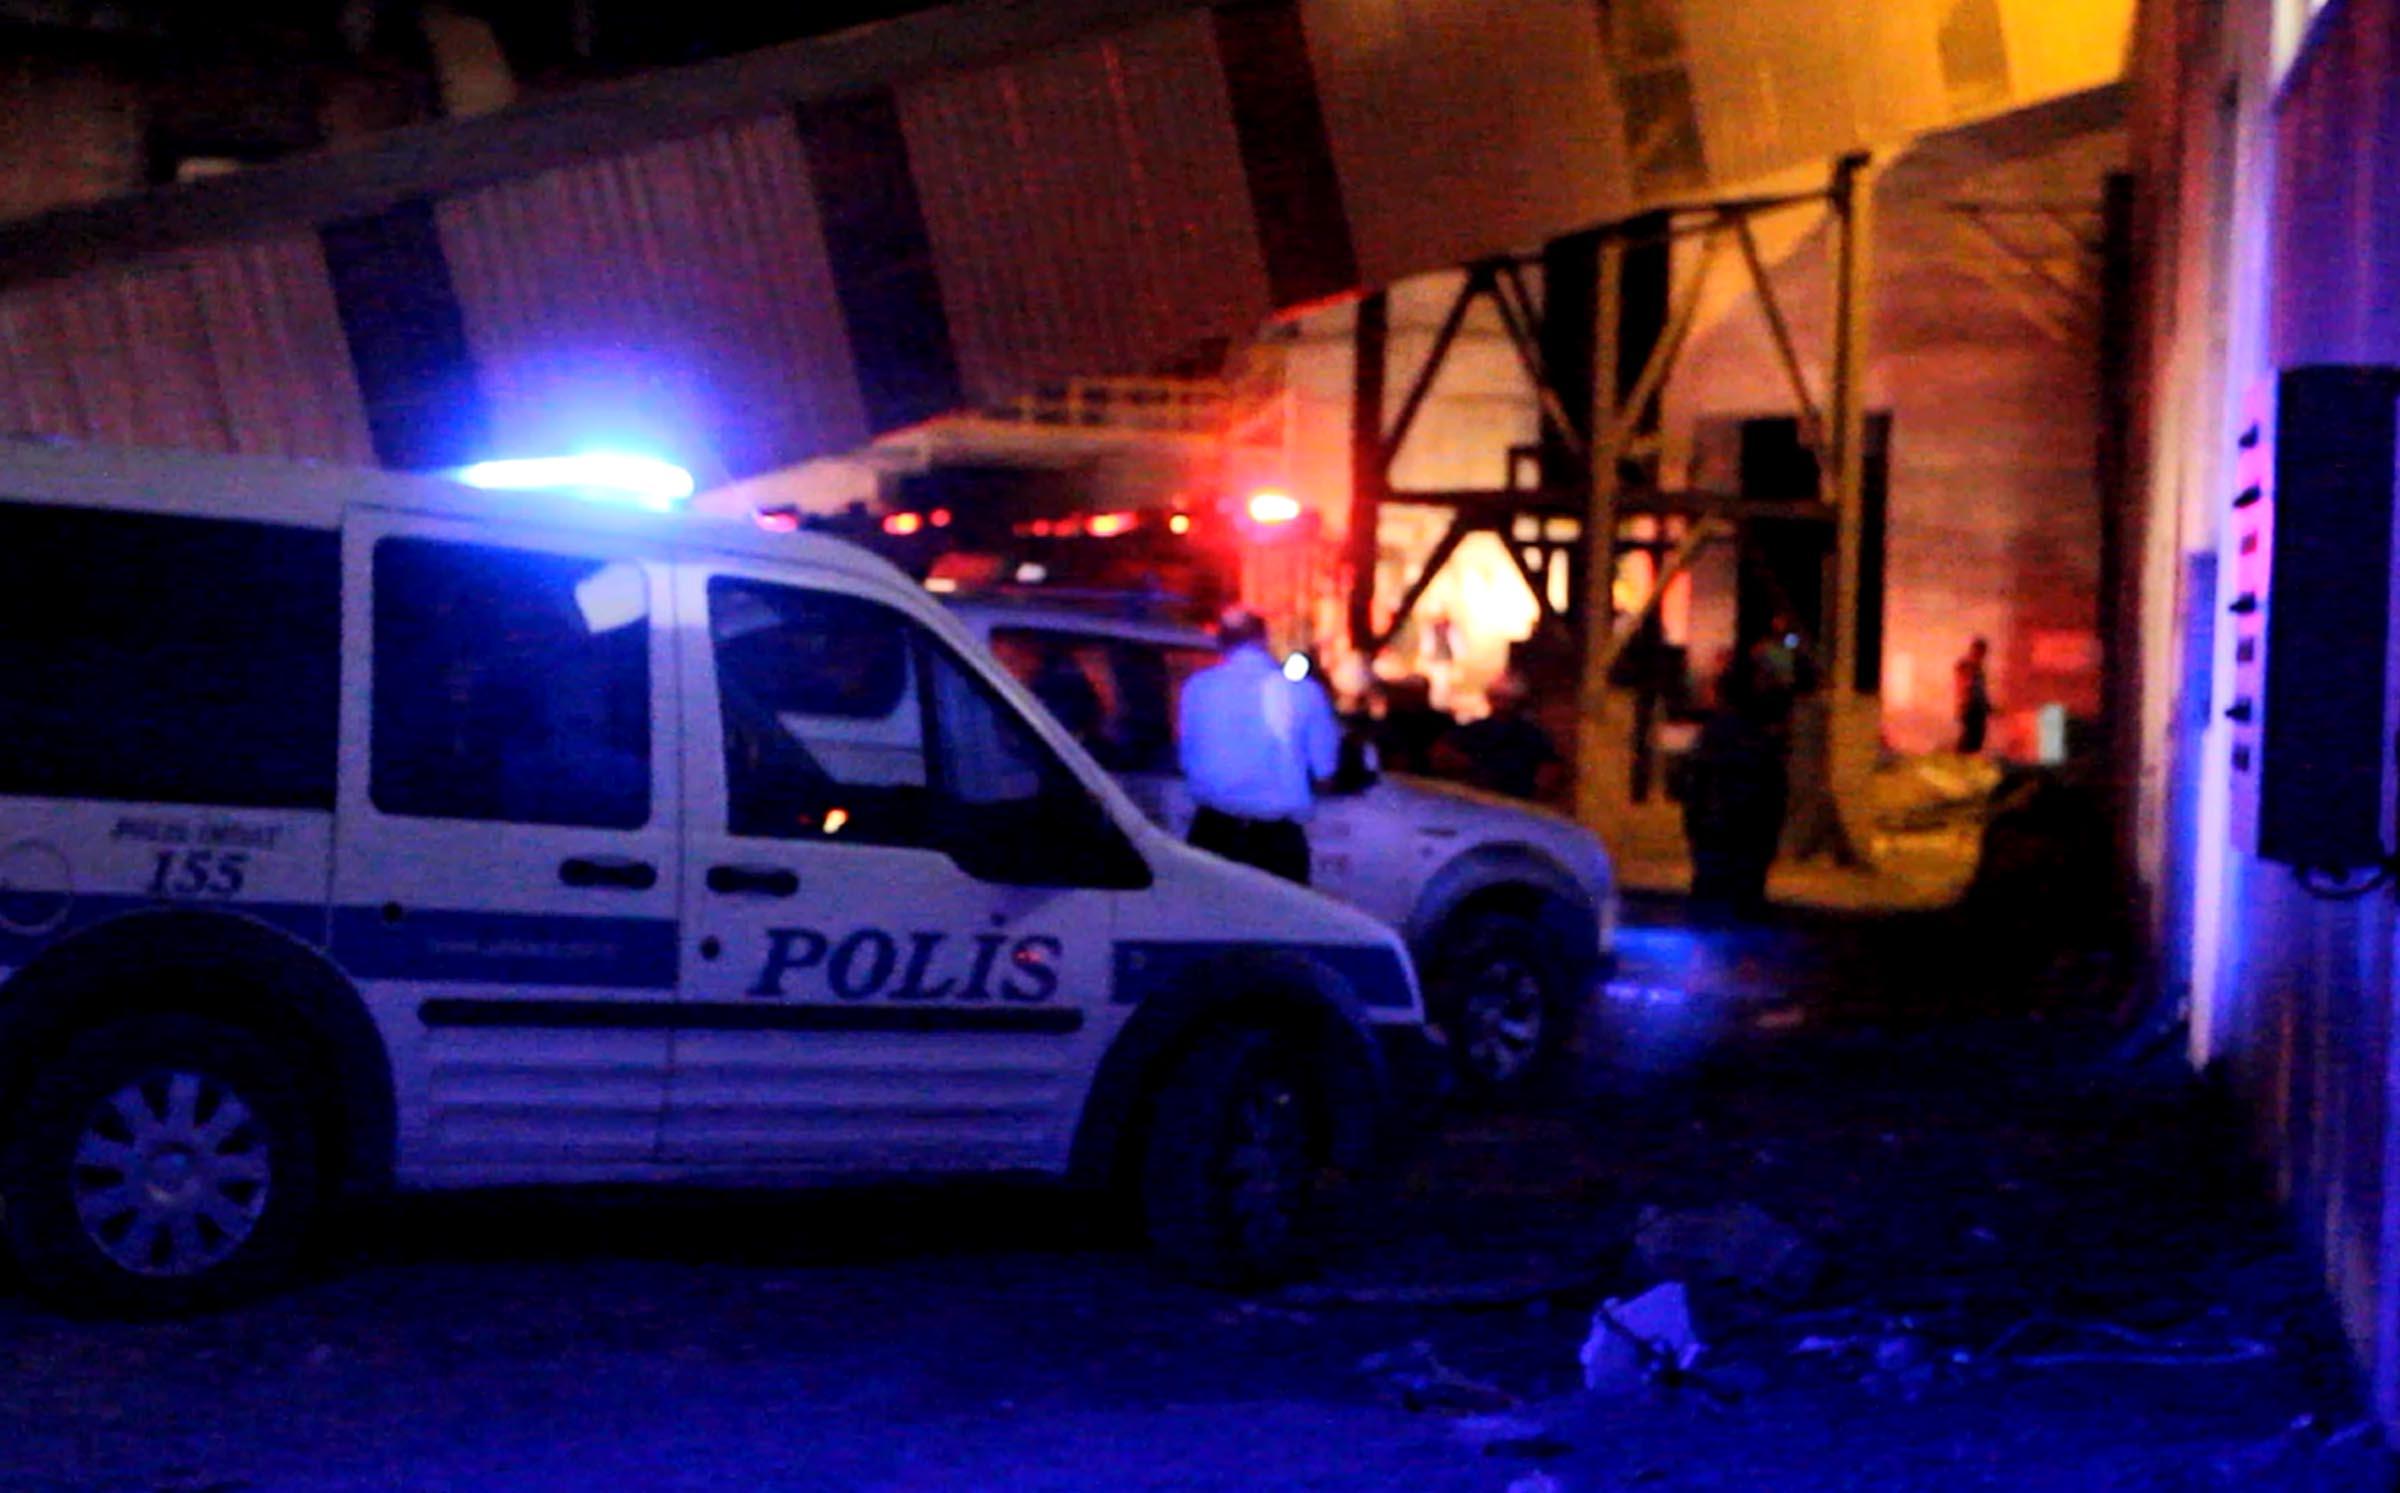 Çimento fabrikasında patlama!… 3 ölü, 2 yaralı!